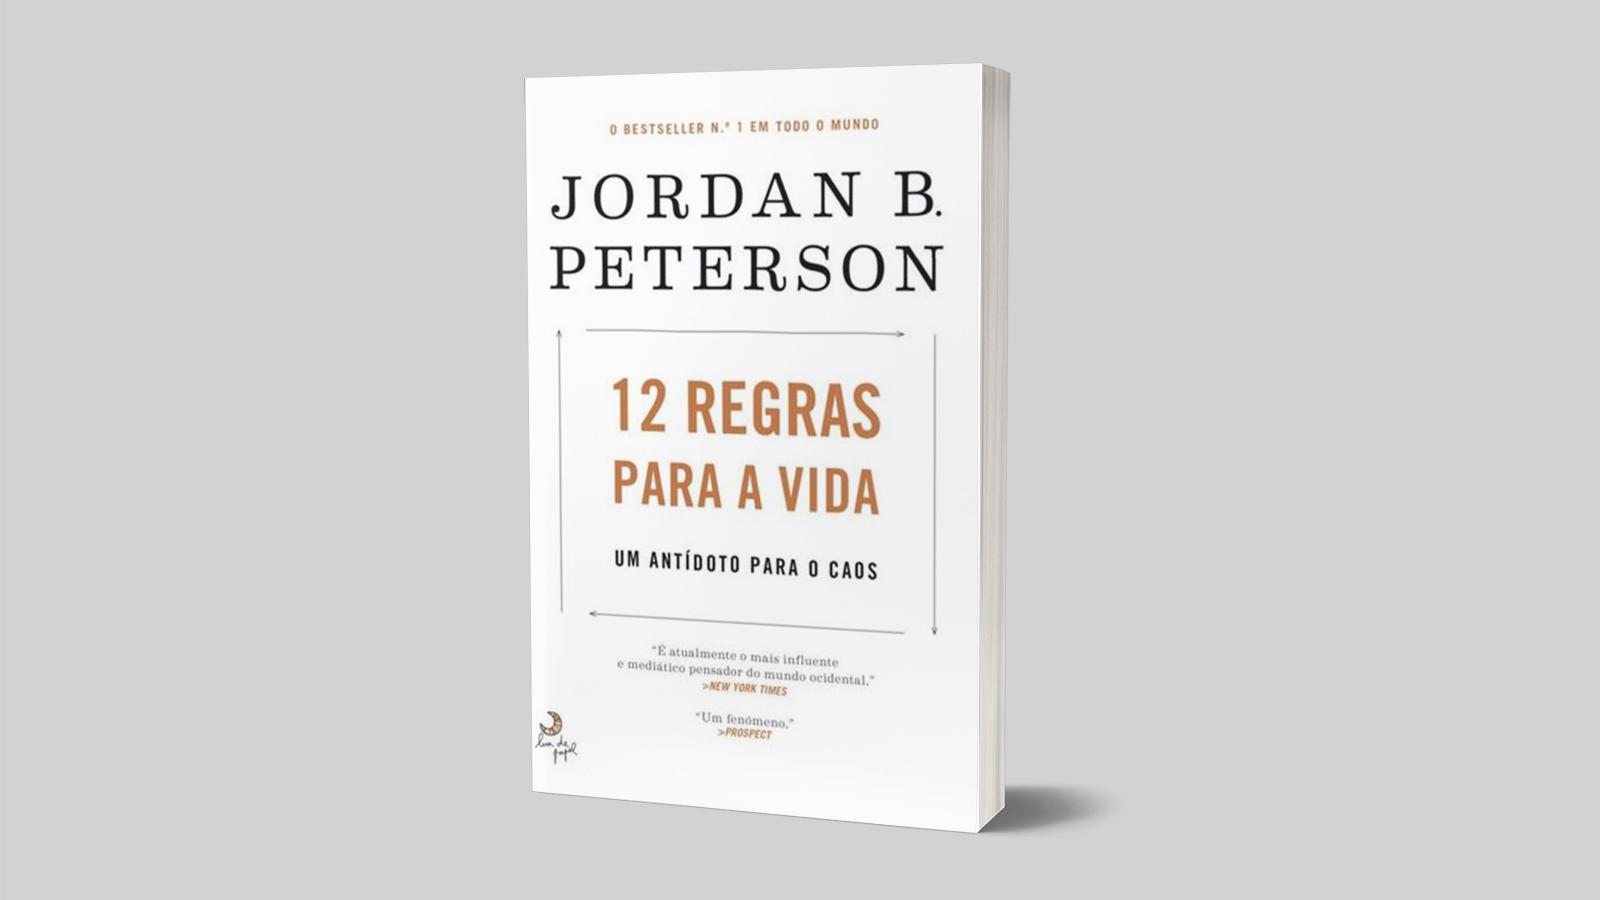 12 regras para a vida, por Jordan B. Peterson